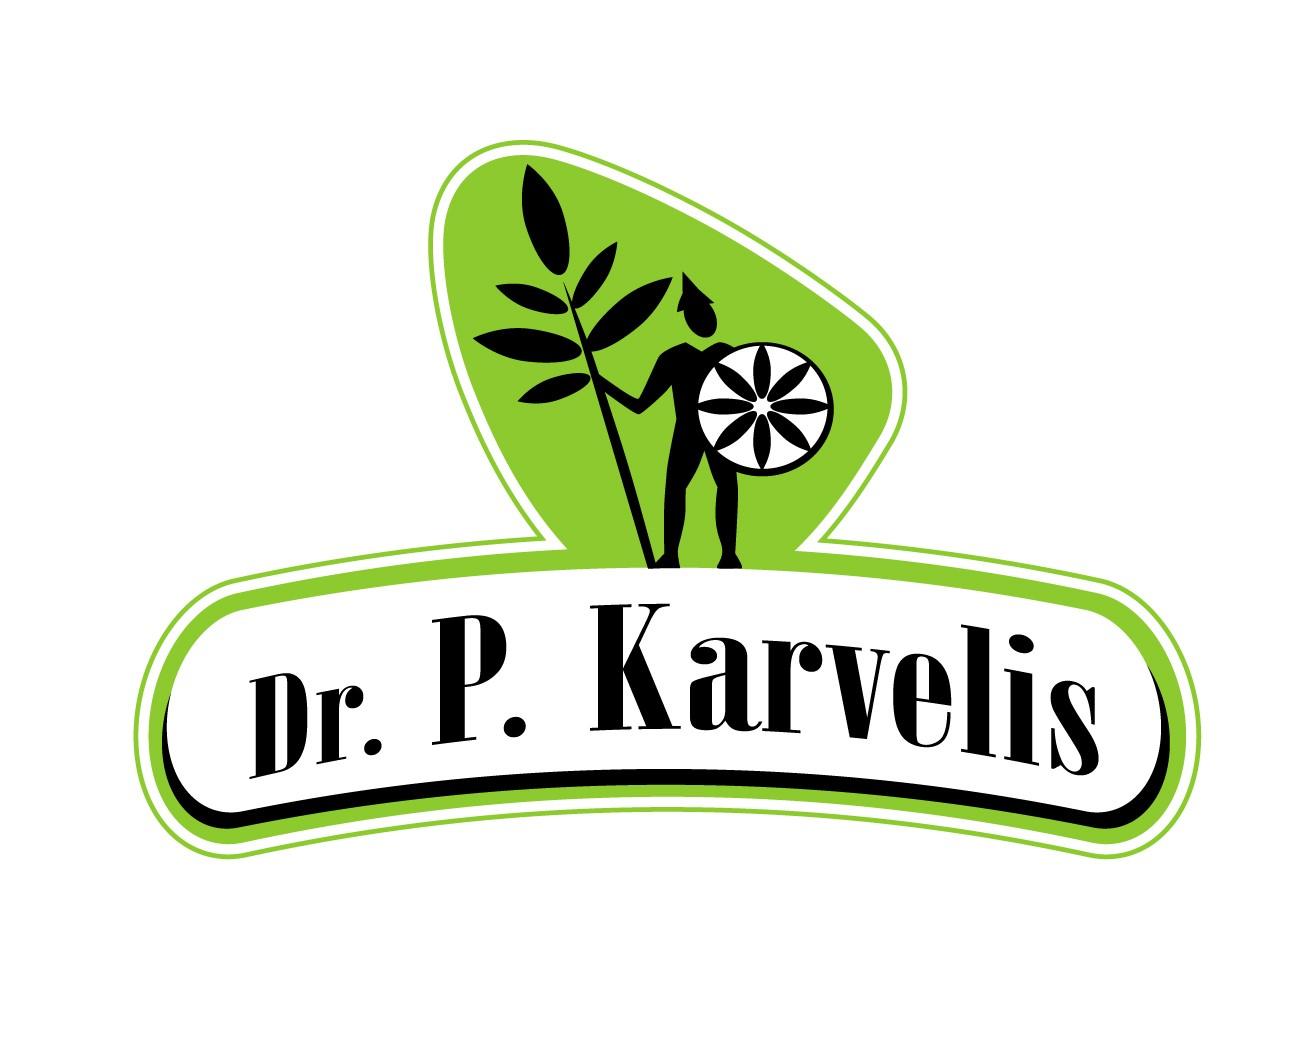 Daktaras Karvelis